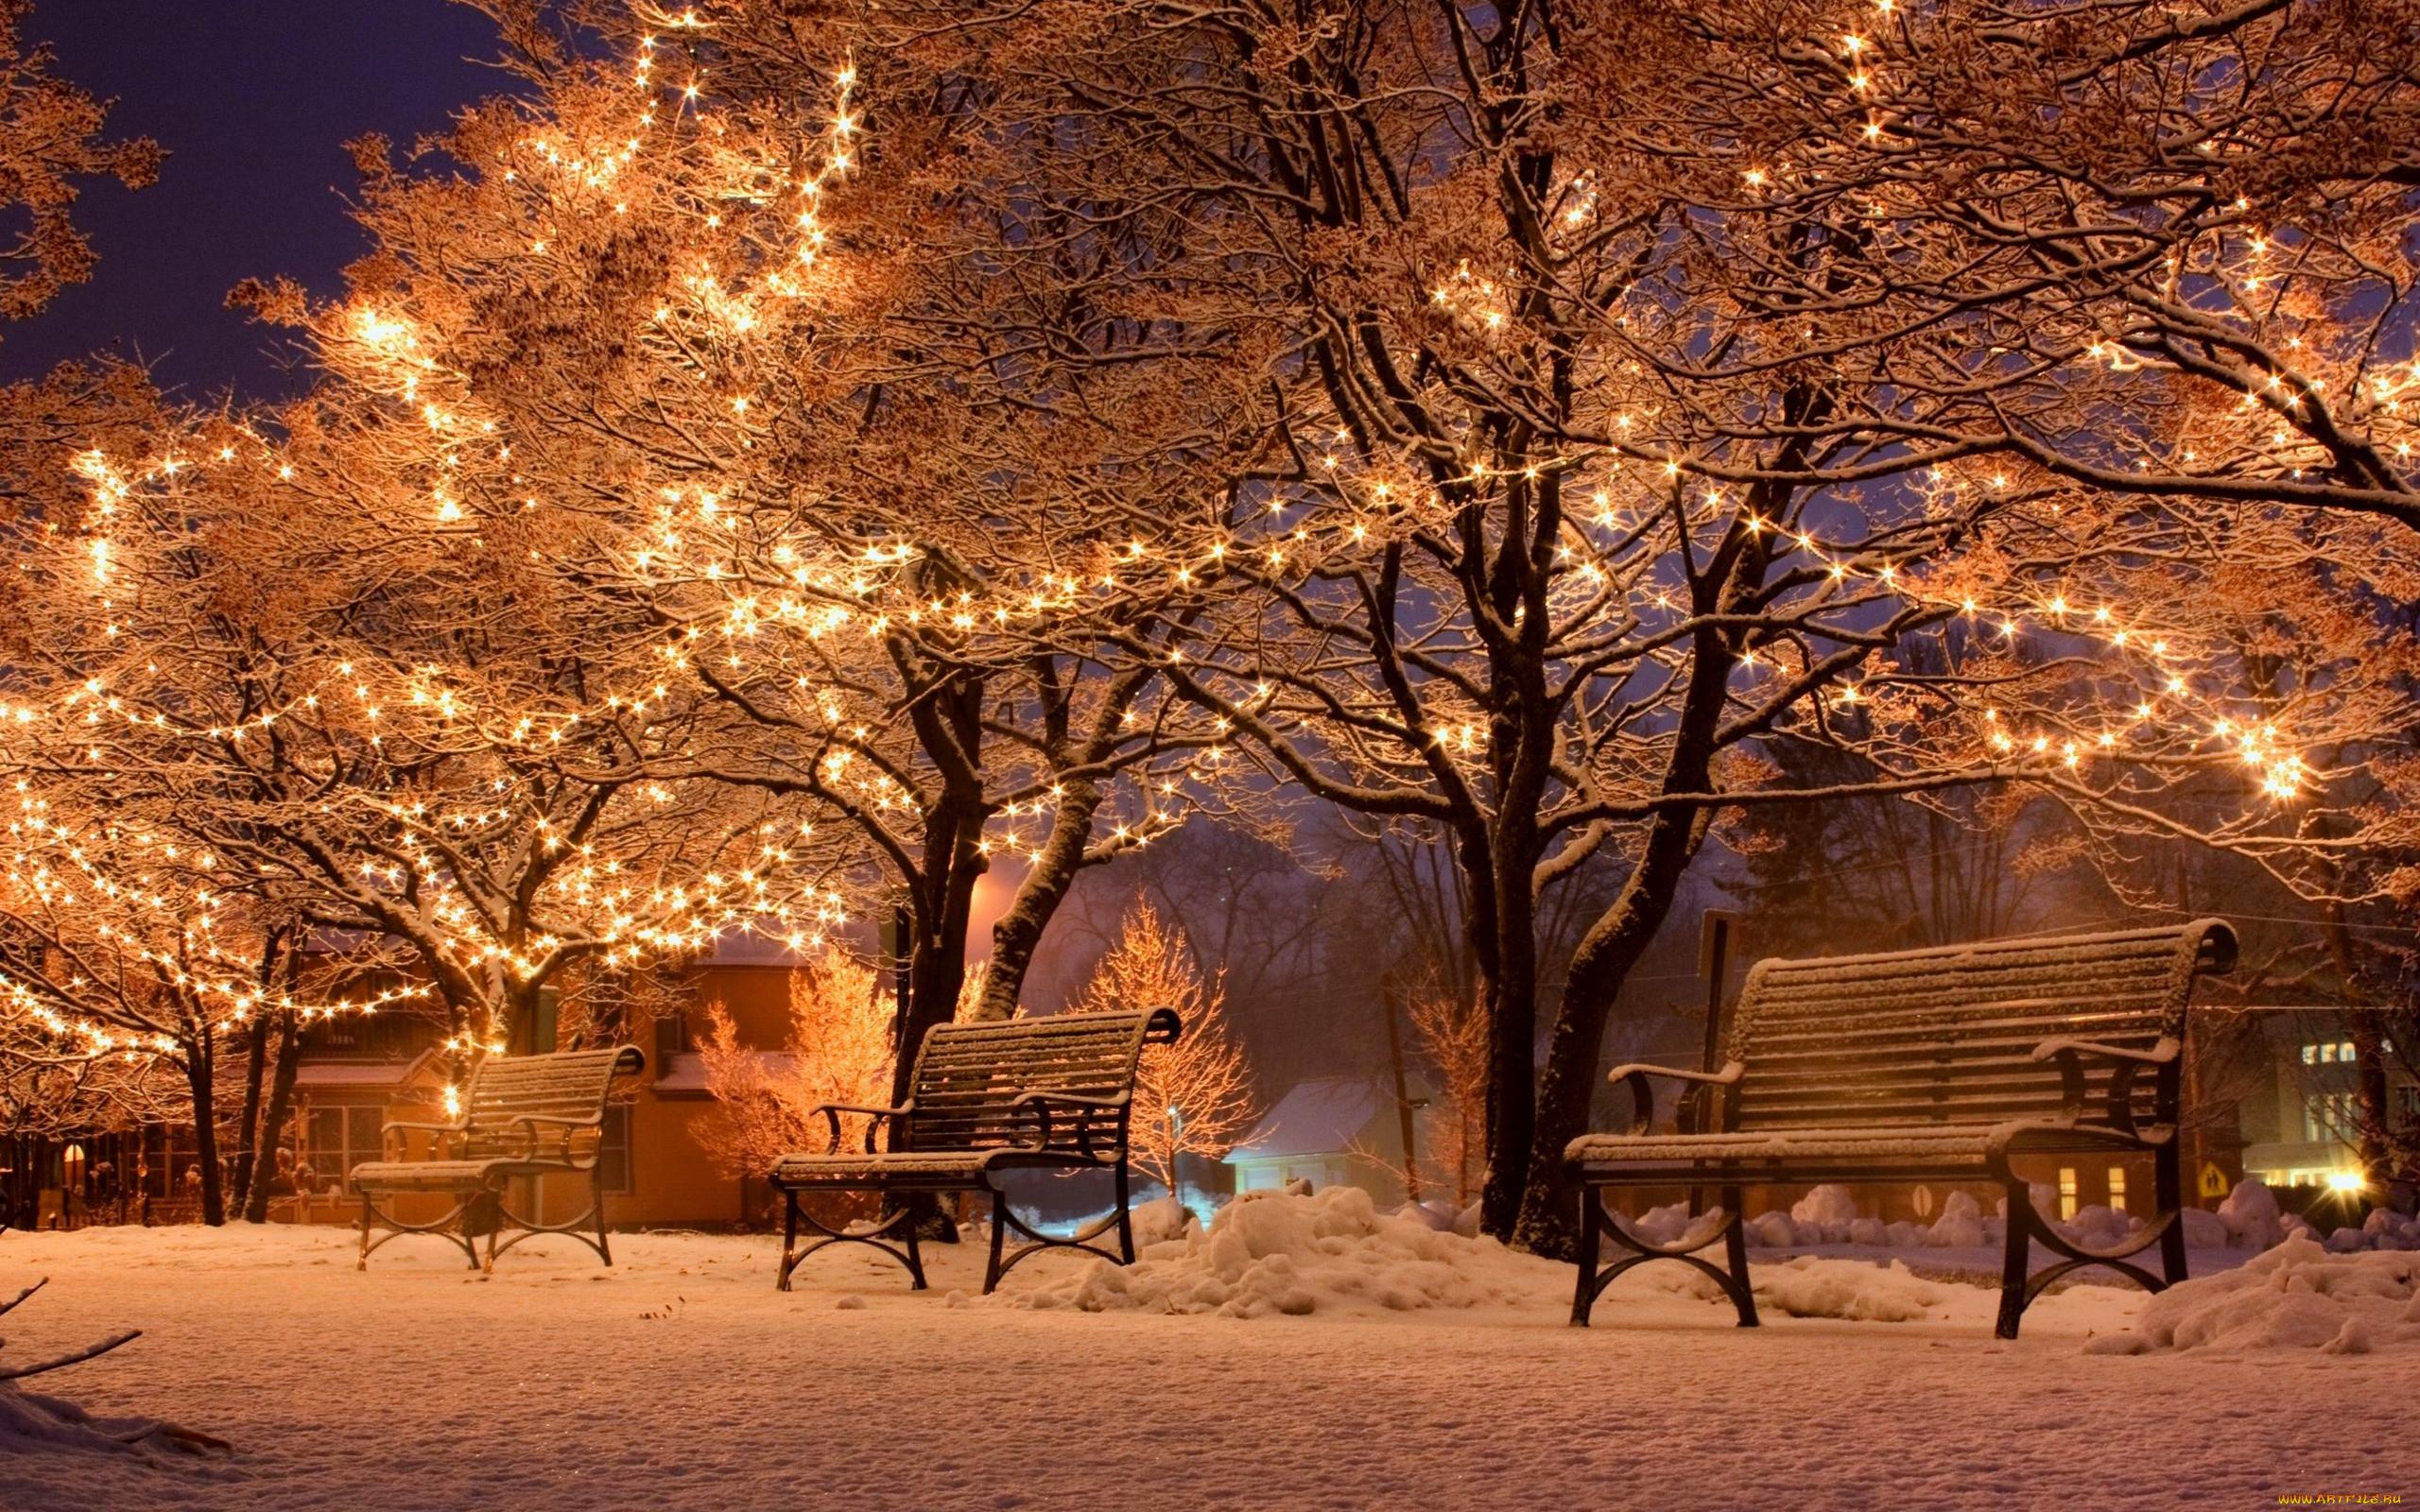 нем красивые фото новый год зима сложенный зонтик-трость